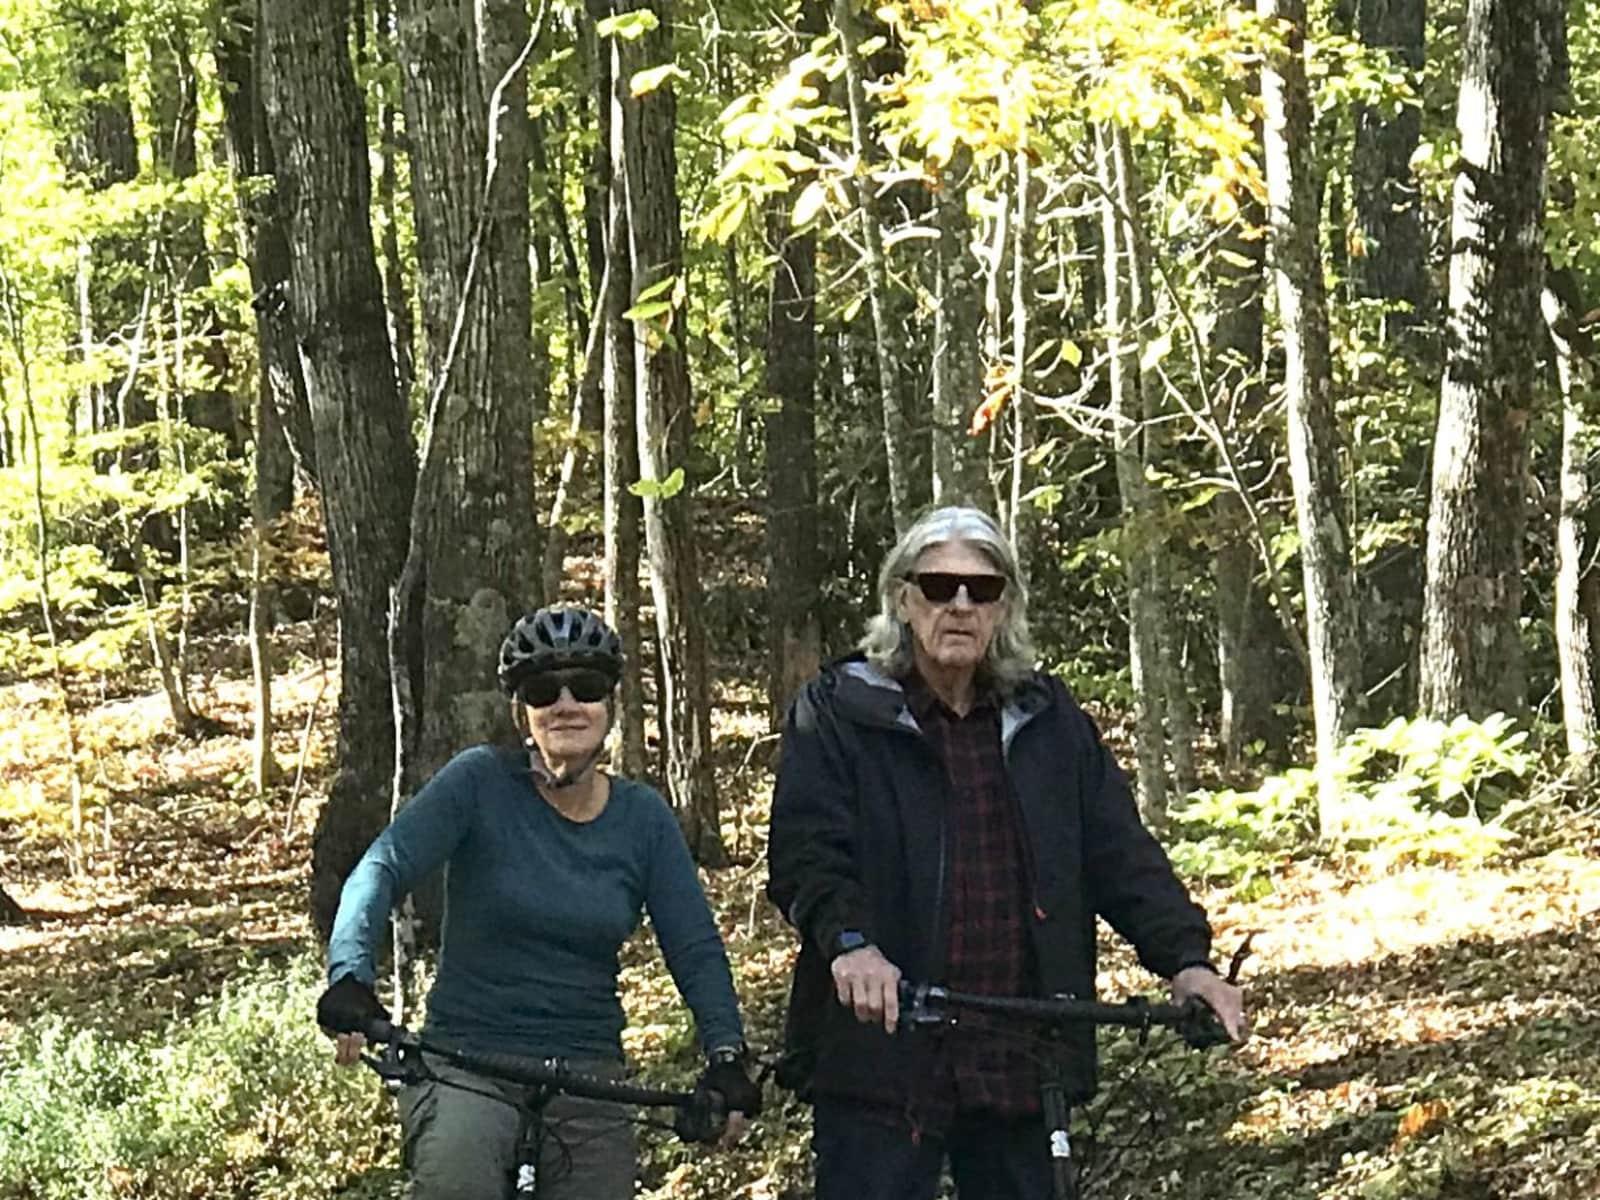 Kathryn & Steve from Minneapolis, Minnesota, United States